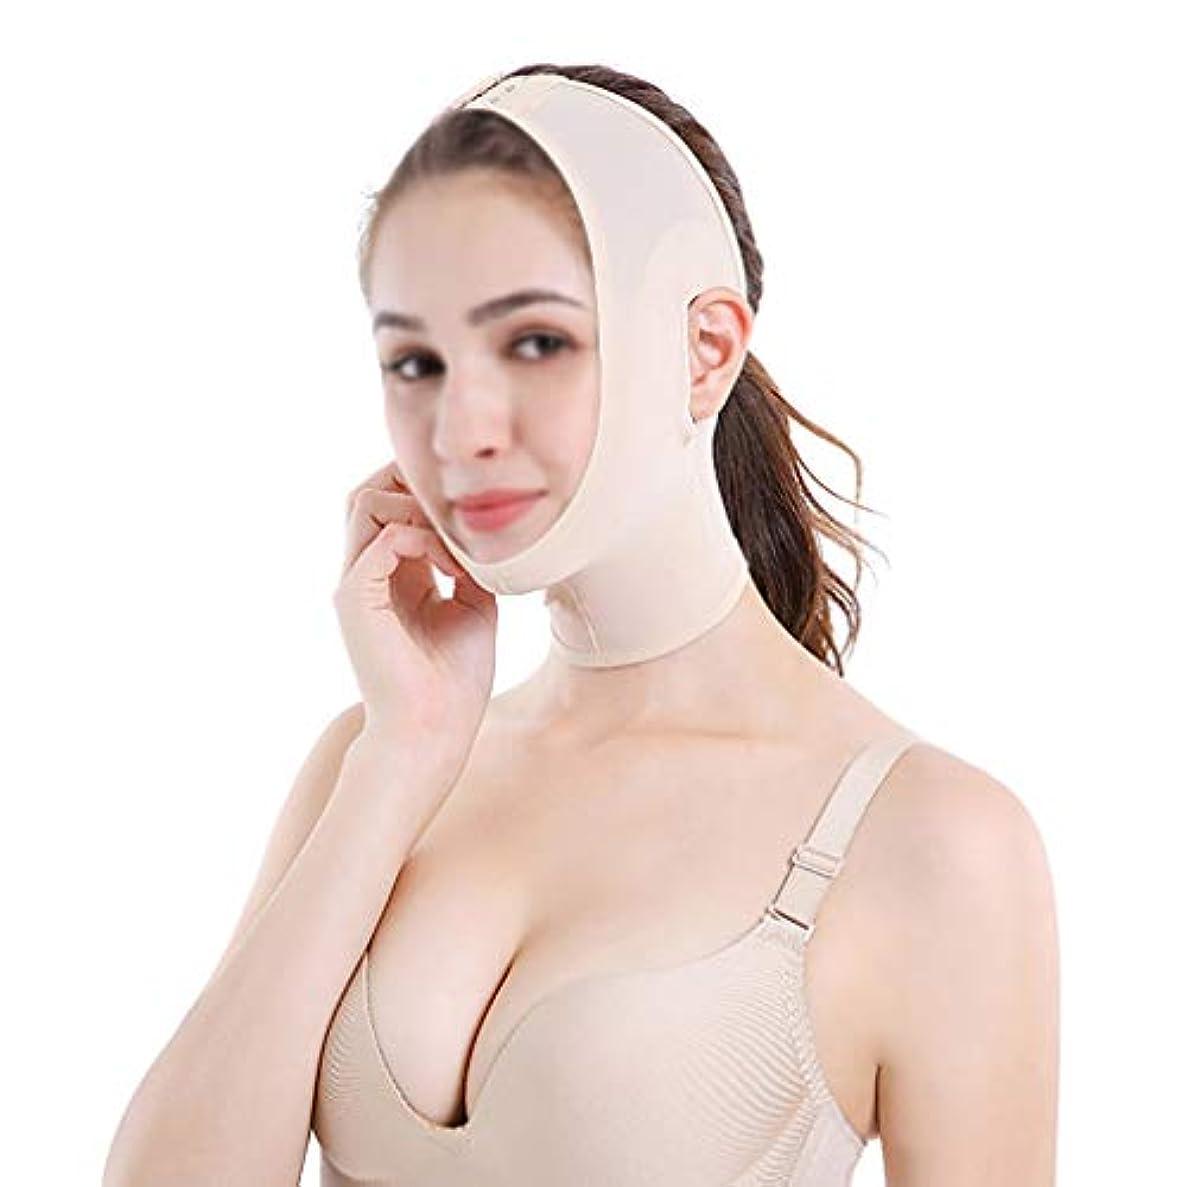 自由明るいオークランドGLJJQMY ベルト痩身ベルト薄い顔の包帯の小さいV顔の顔の薄い顔のアーティファクトの薄い顔の固定マスク 顔用整形マスク (Size : L)